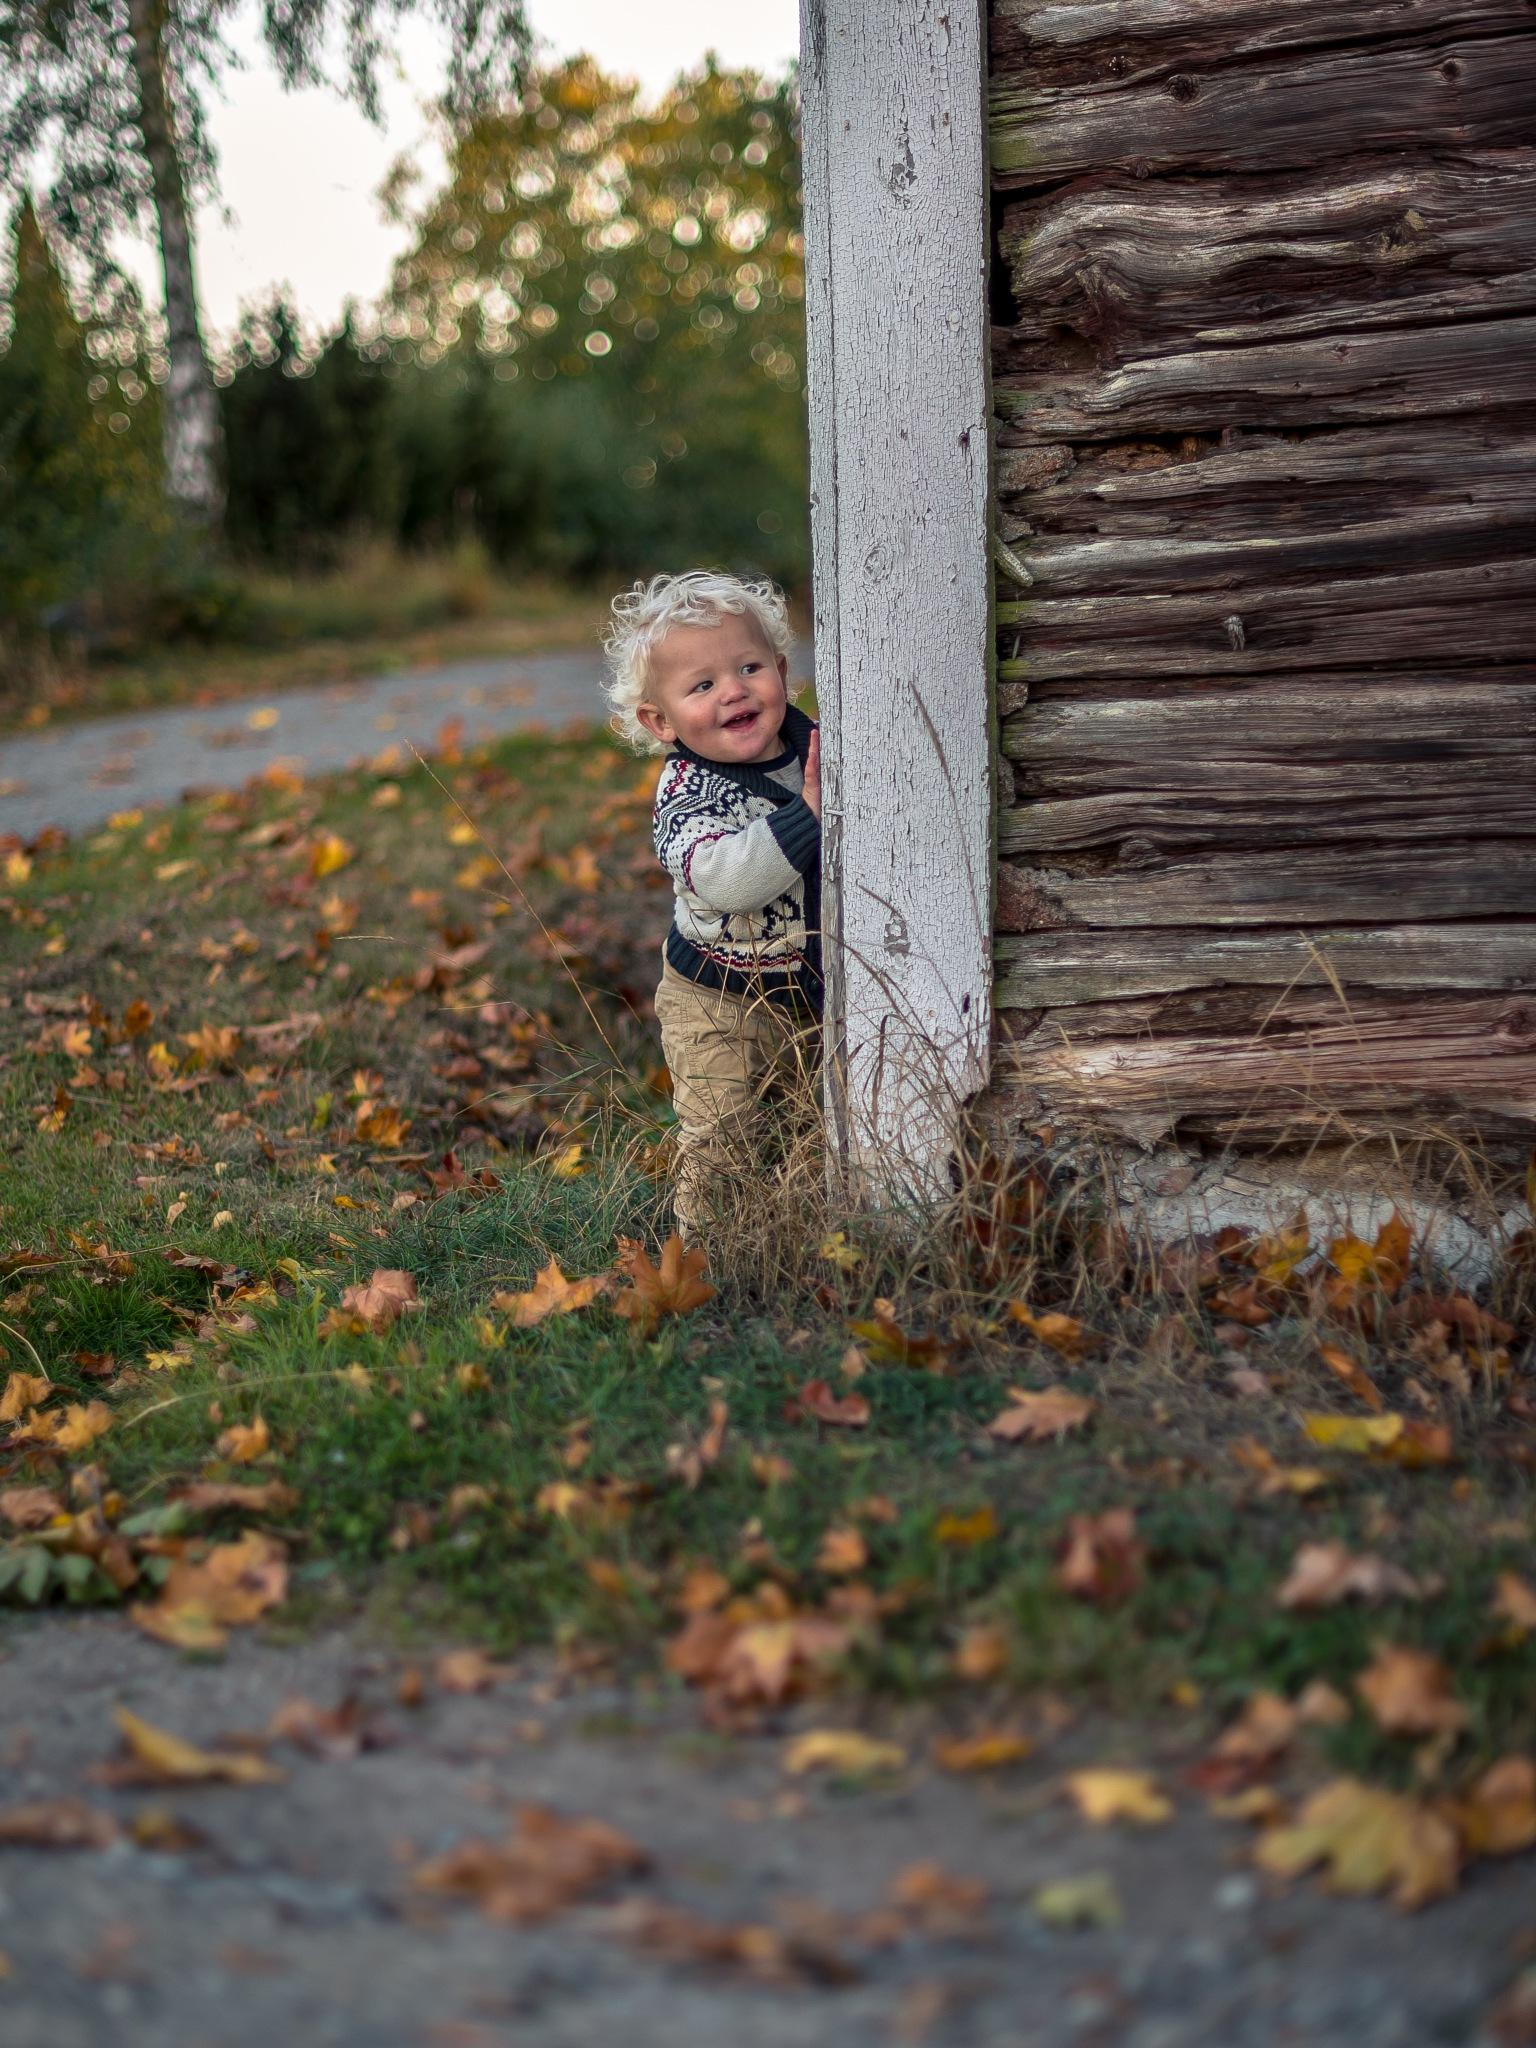 Peekaboo! by Fotojocke